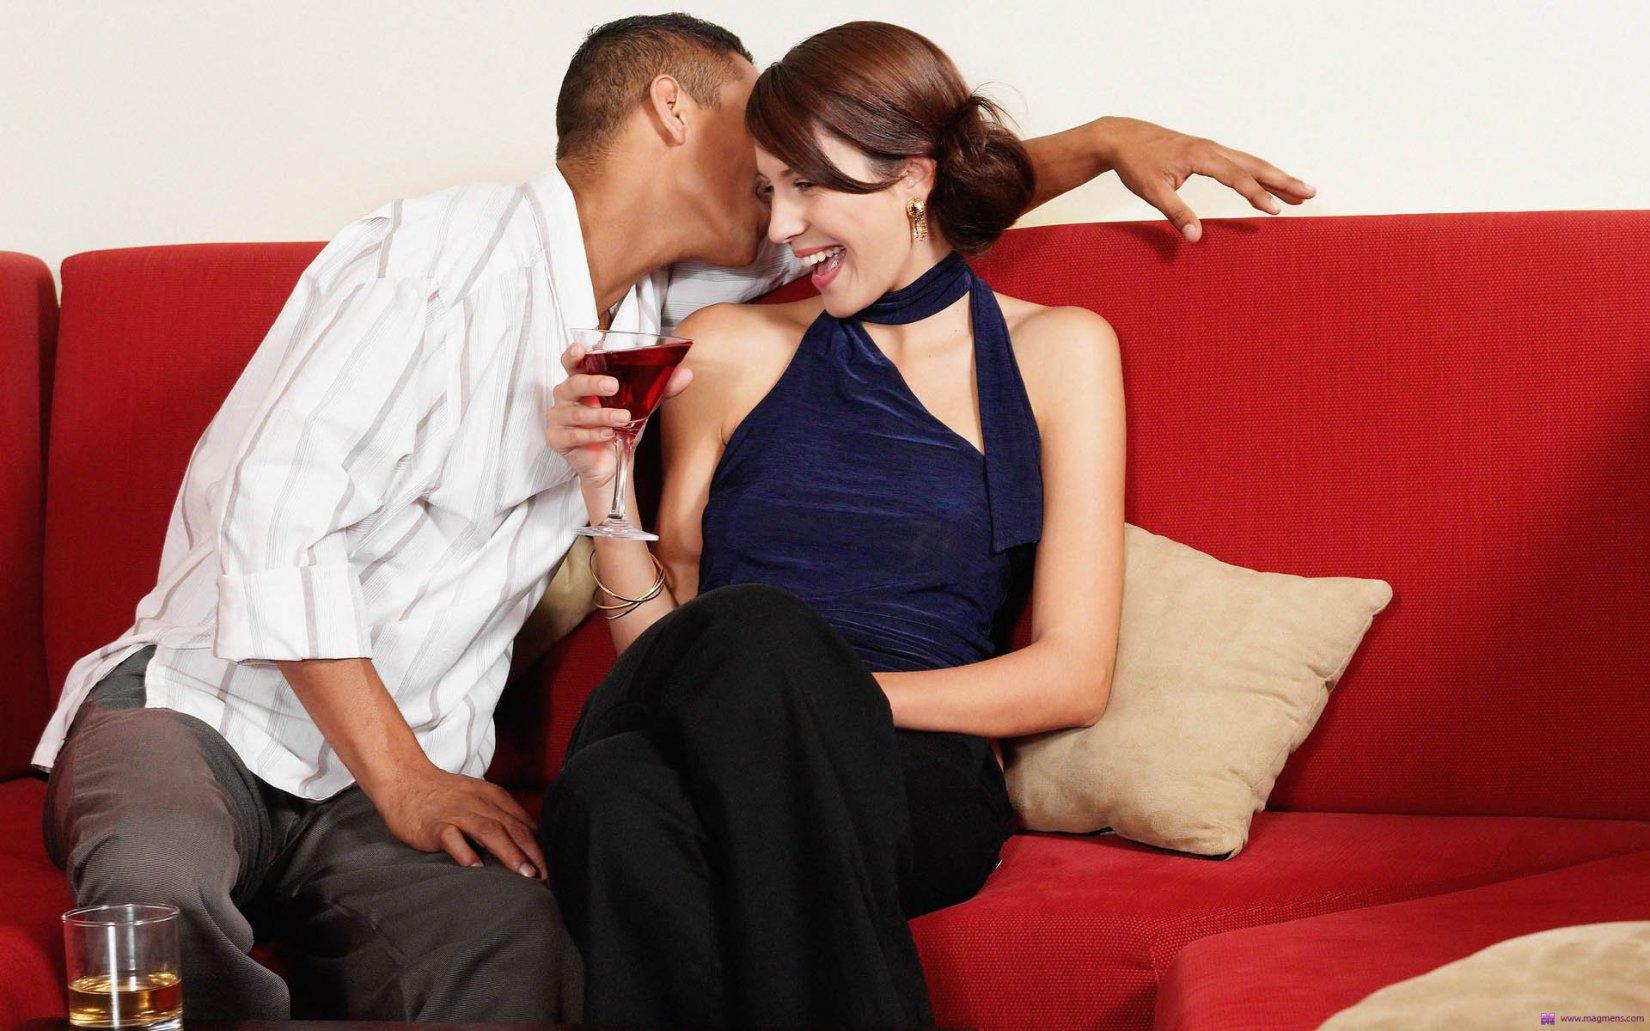 Сексуальный комплимент девушке 12 фотография